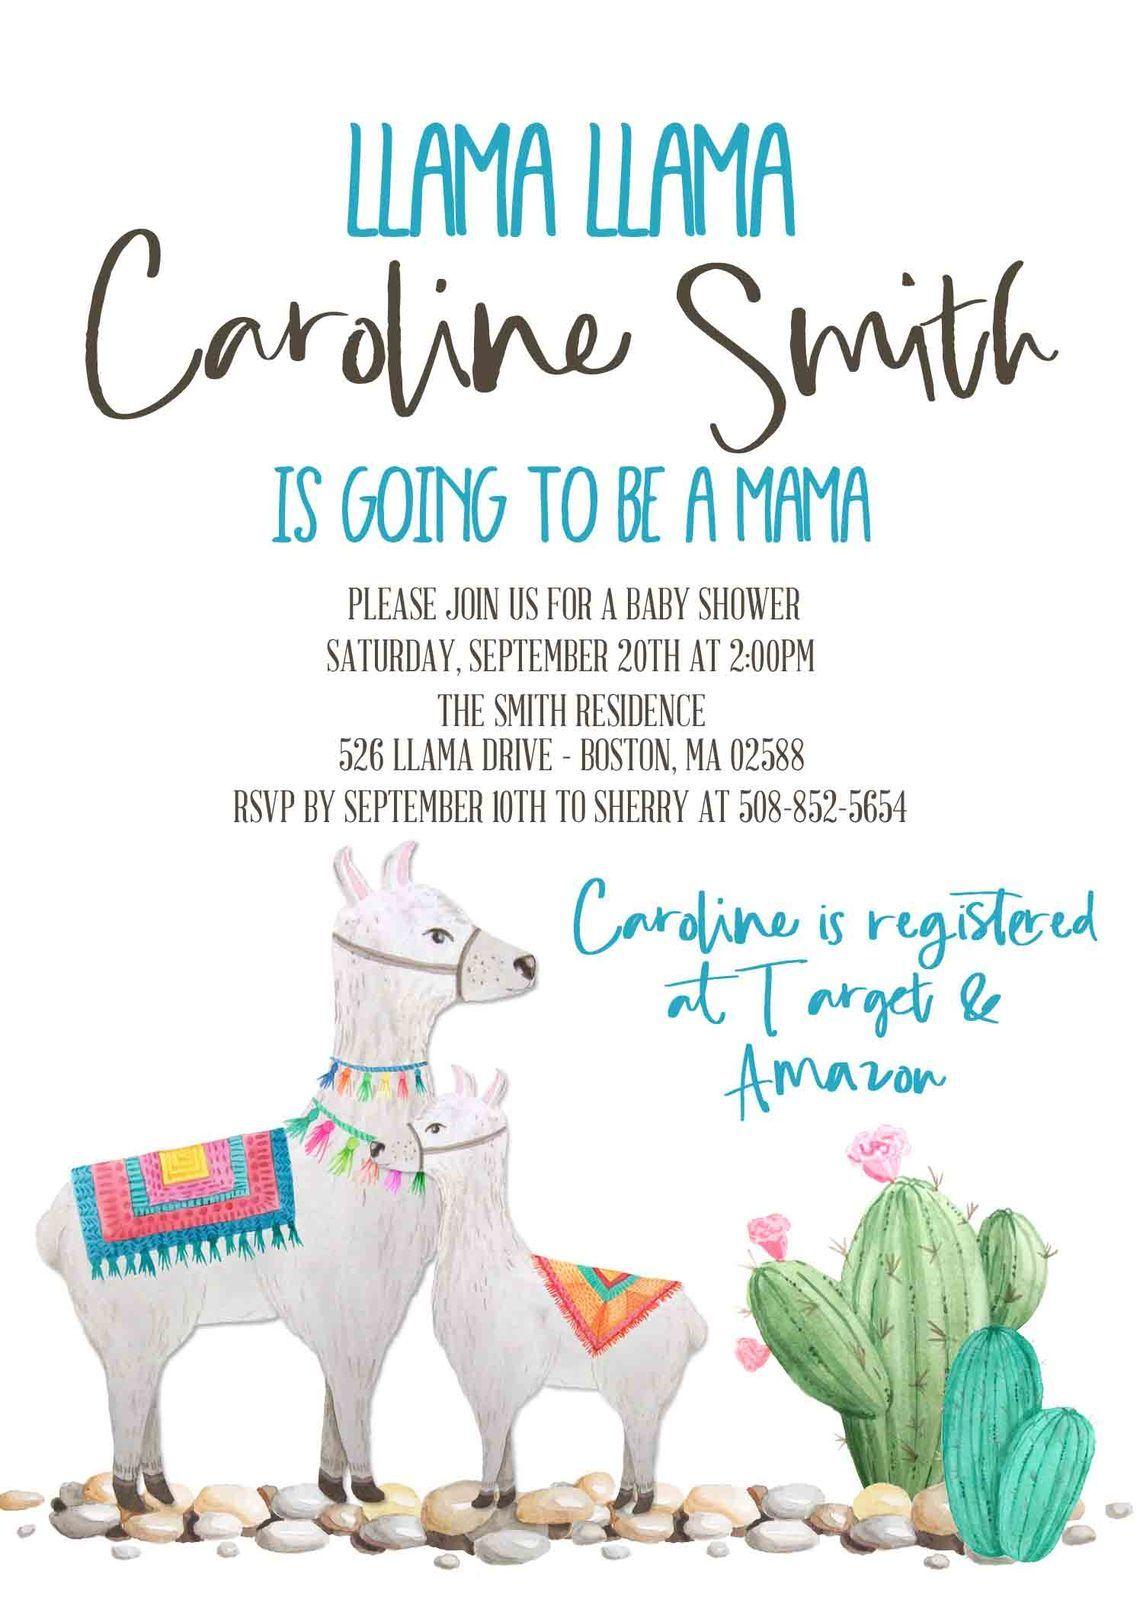 Llama baby shower invitation Gender Neutral Invitation ...